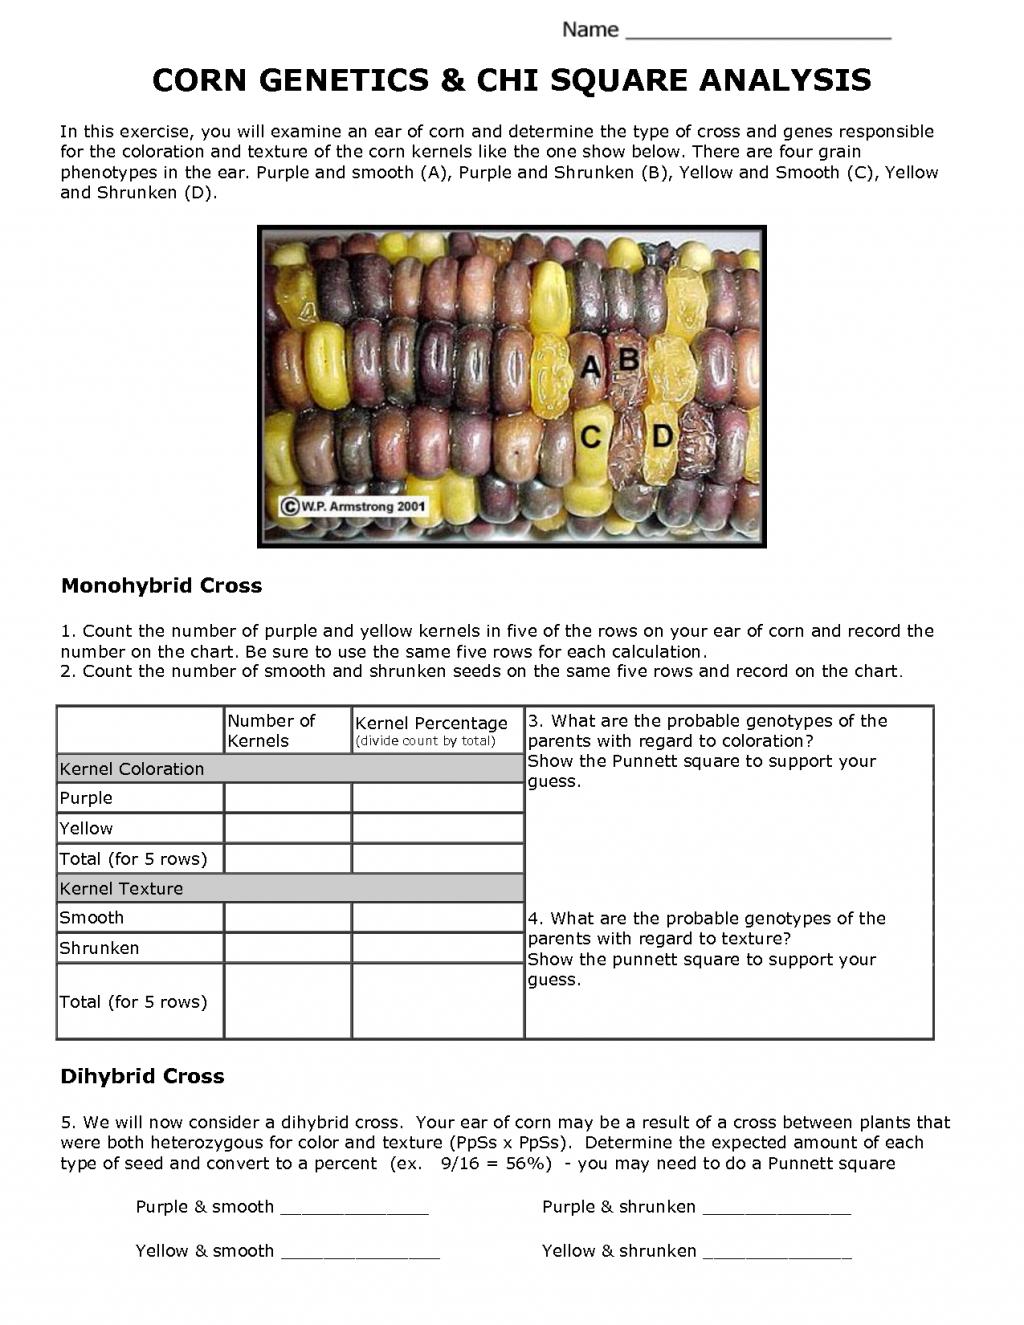 Corn Genetics and Chi Square Analysis